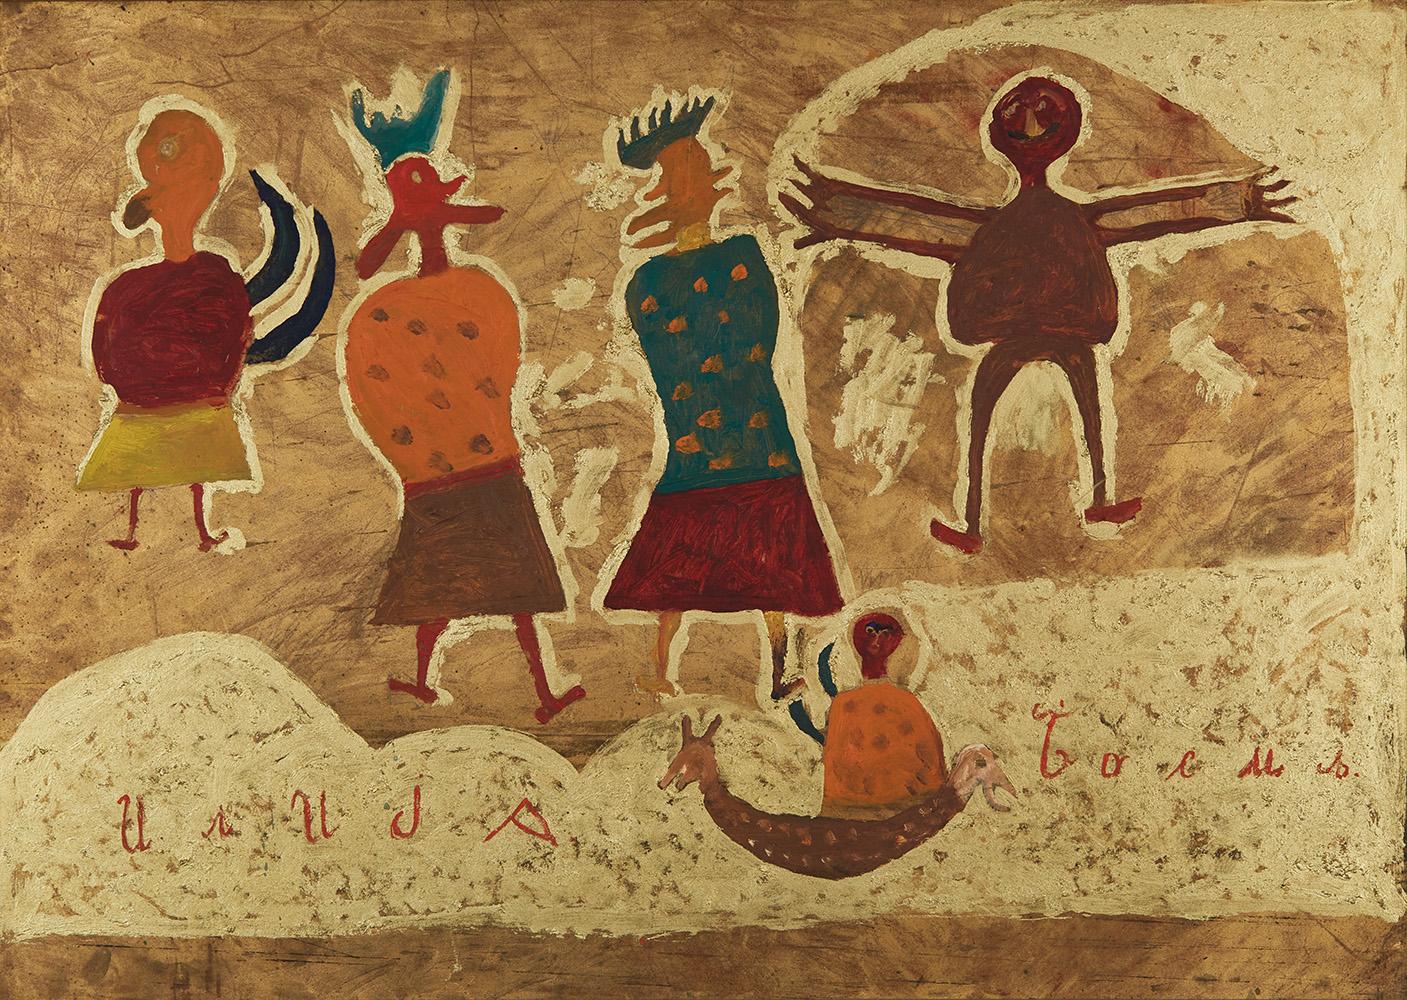 Ilija Bosilj Bašičević    Flying People  , n.d. Oil on canvas 18.5 x 25.5 inches 47 x 64.8 cm IBo 14